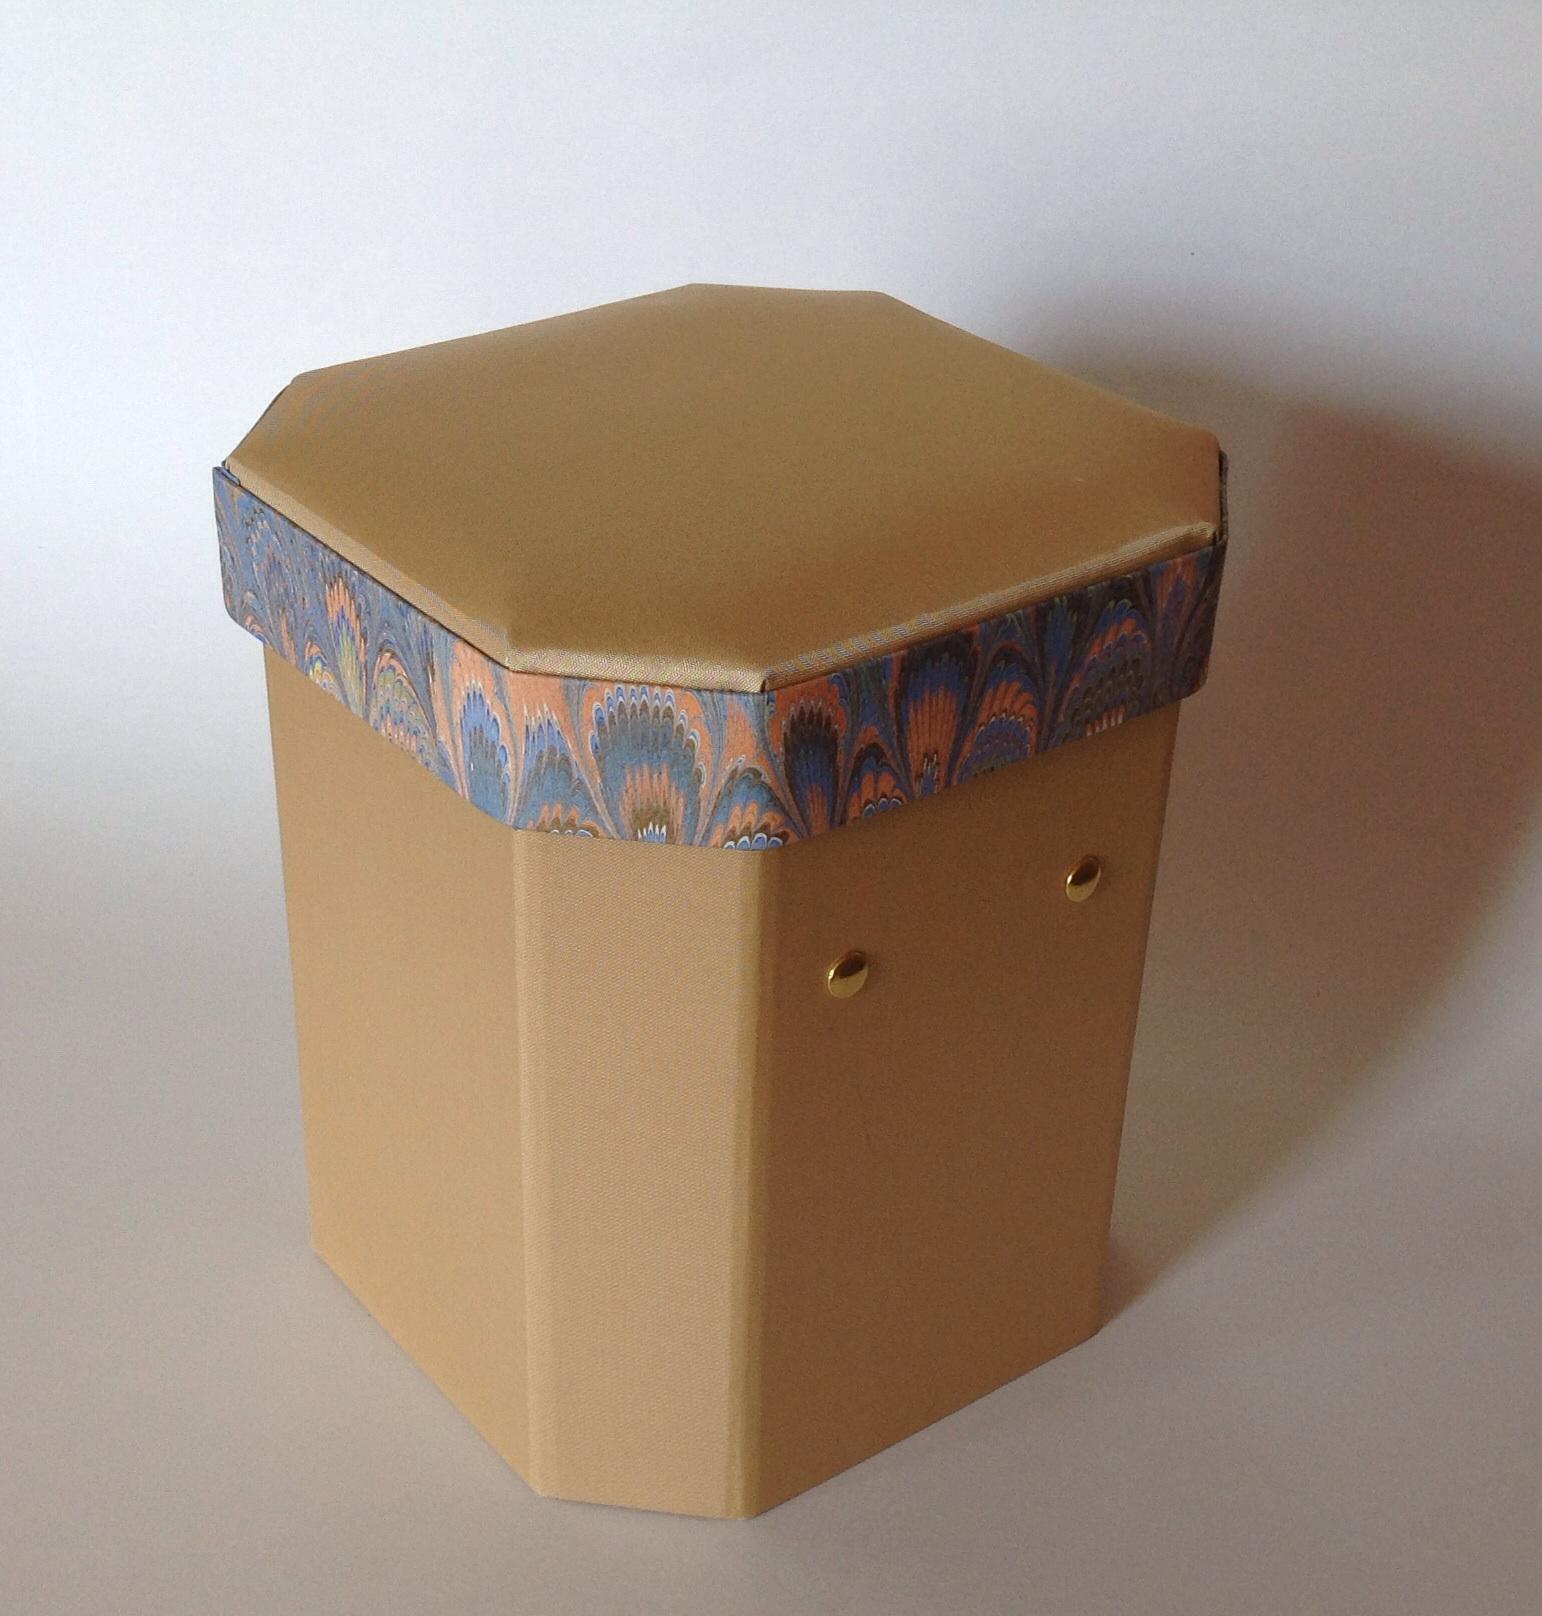 accessary box